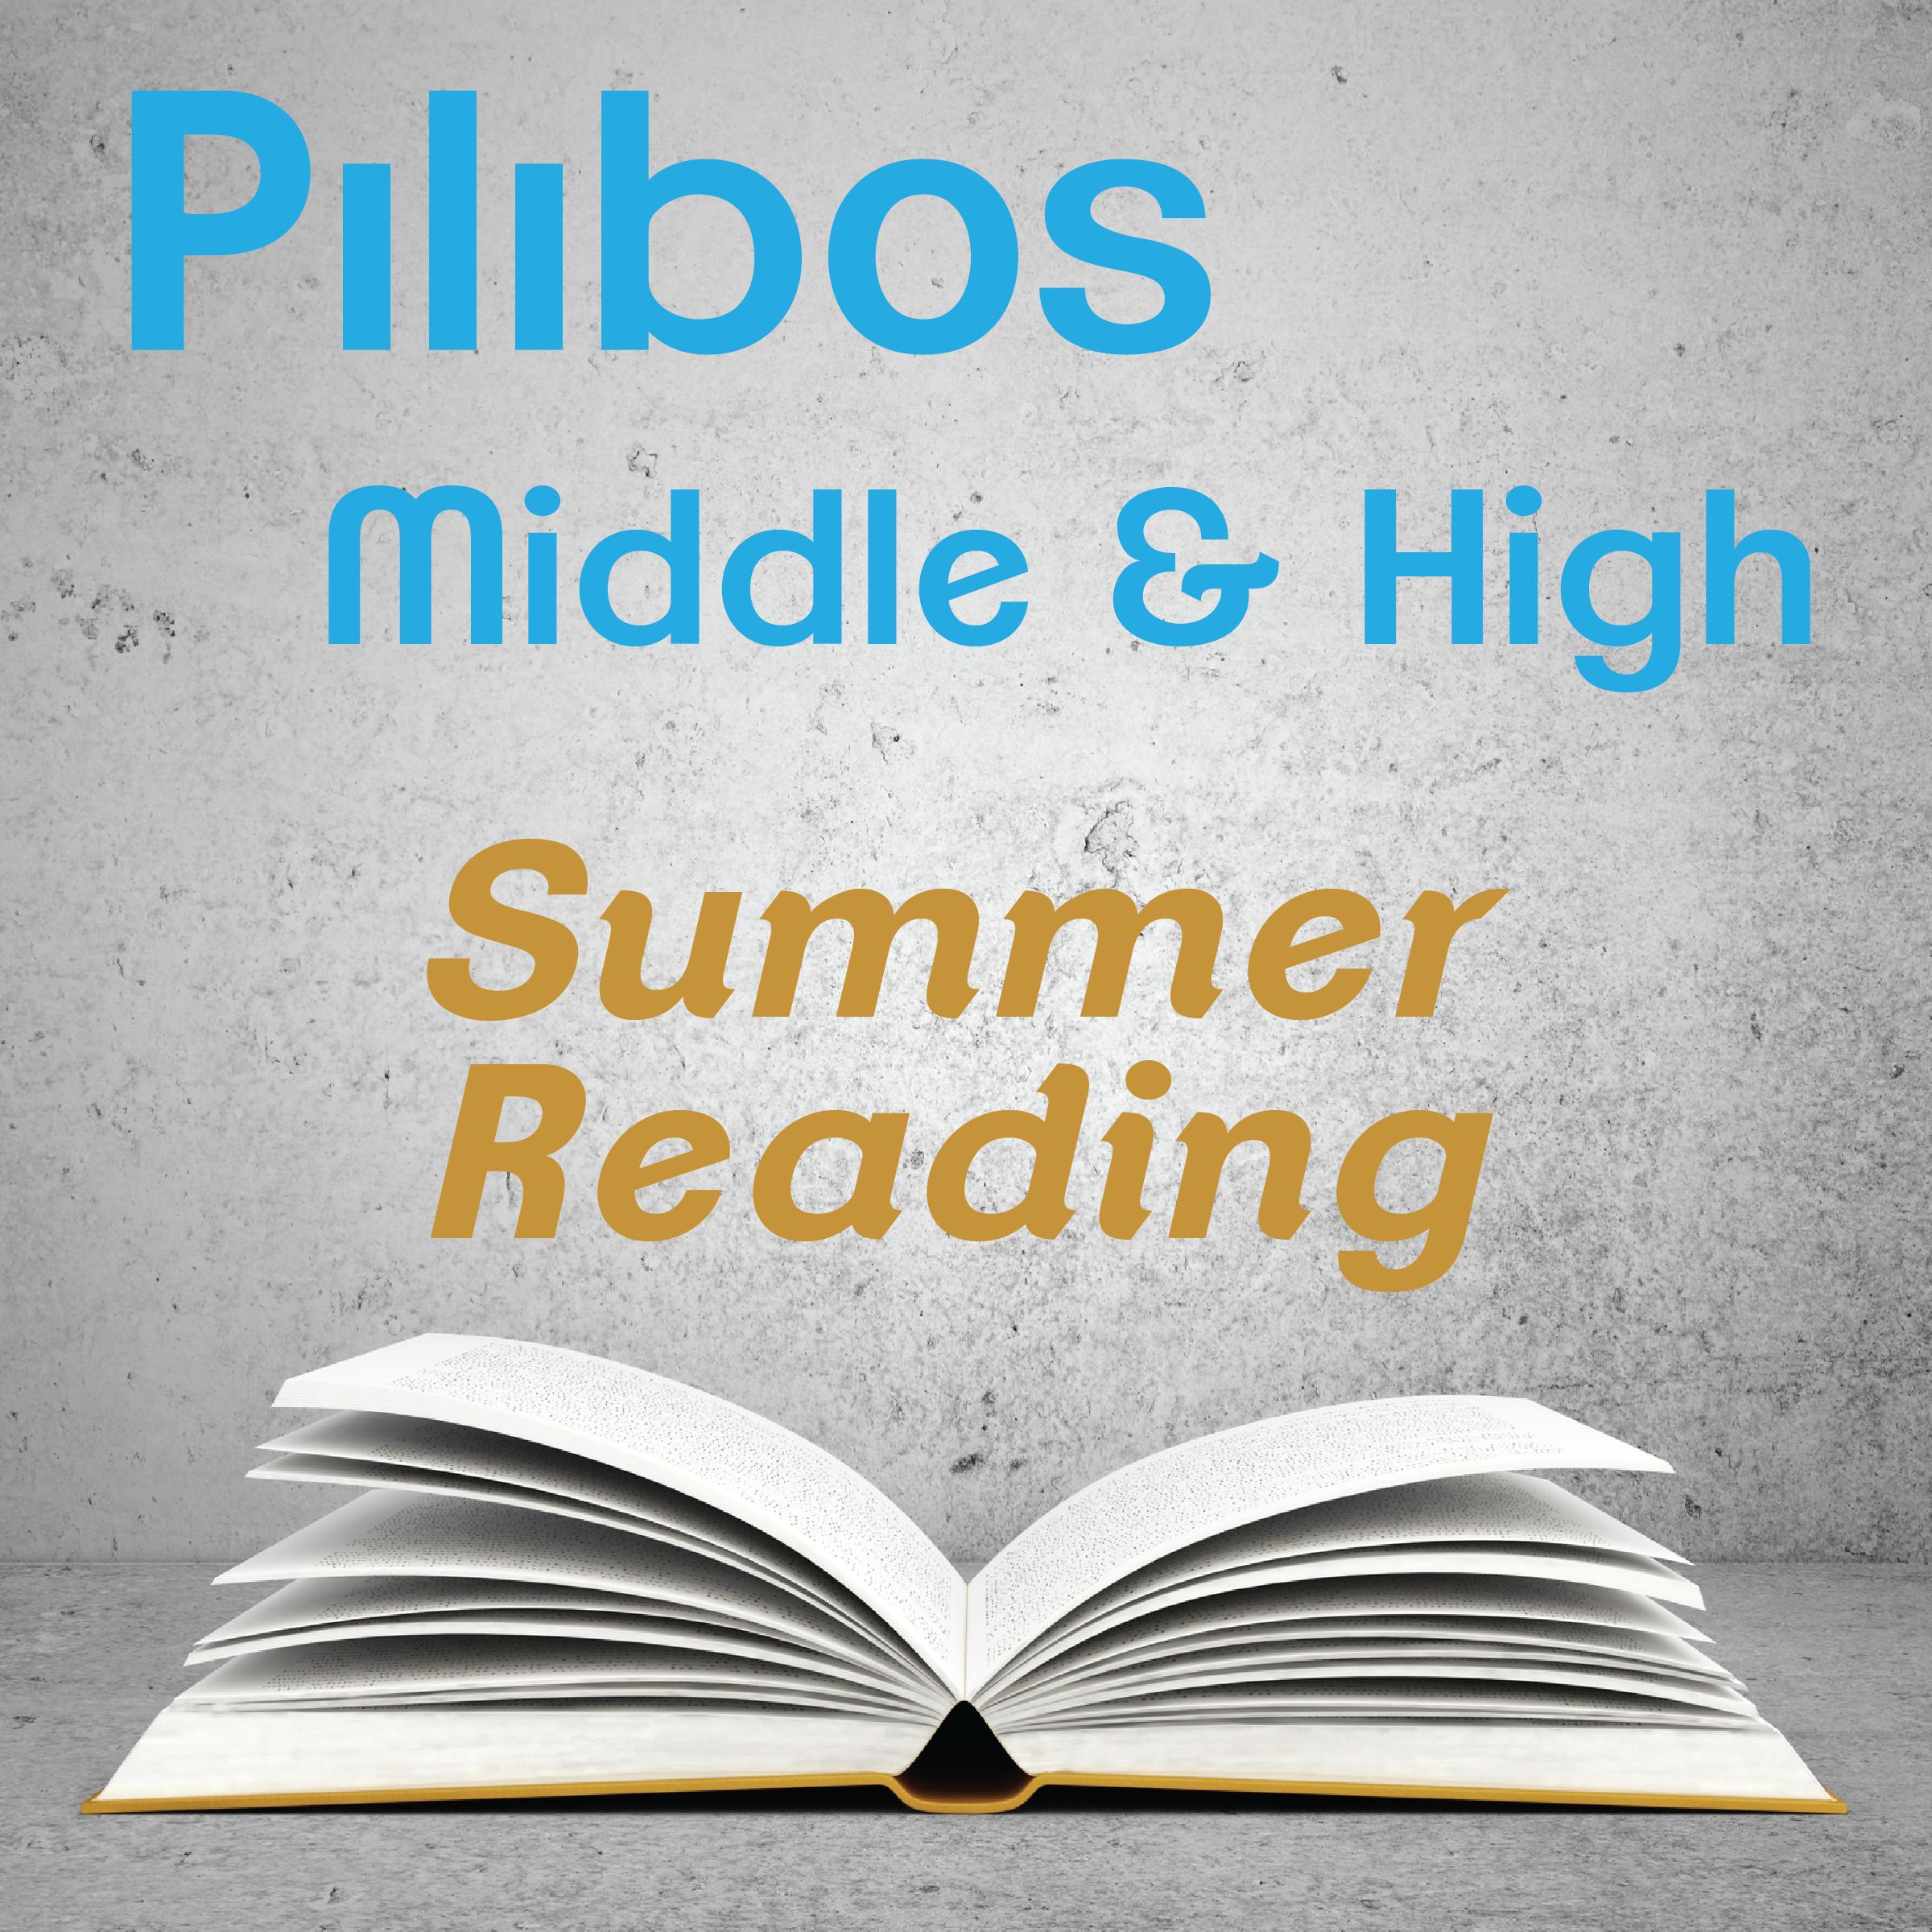 MSHS_Summer_Reading-012-01.png